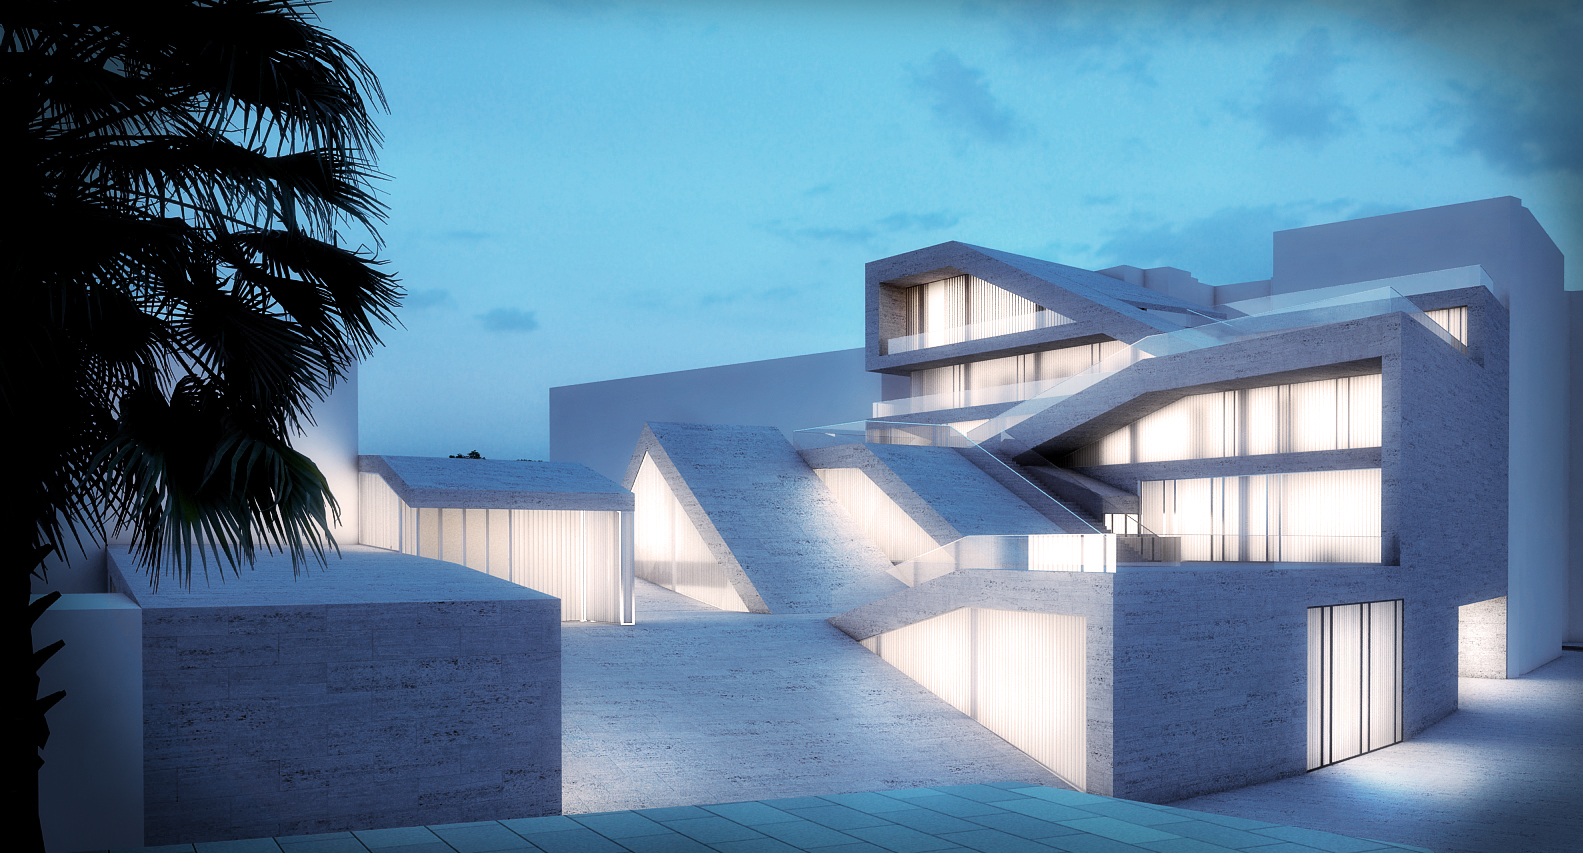 Santa Coloma Cultural Center